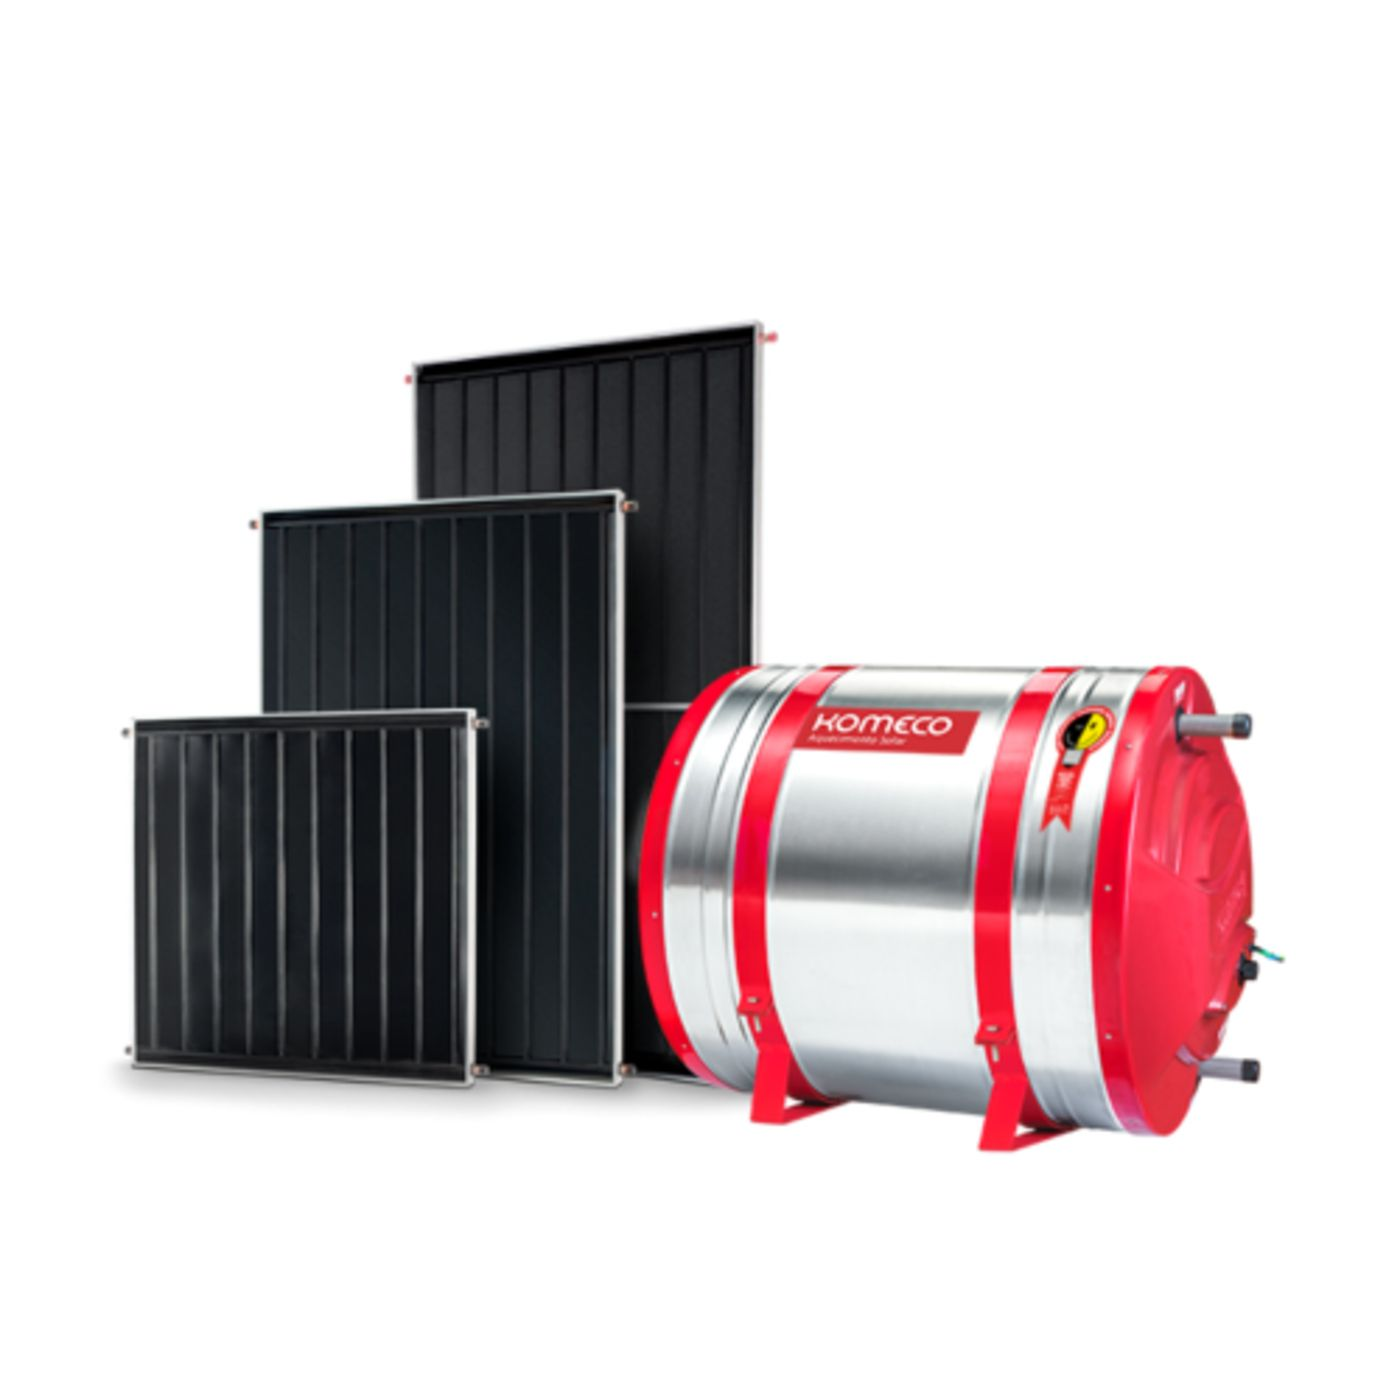 Kit aquecedor solar Komeco 300 Litros Baixa pressão 304 + 3 Coletores 1 x 1metro